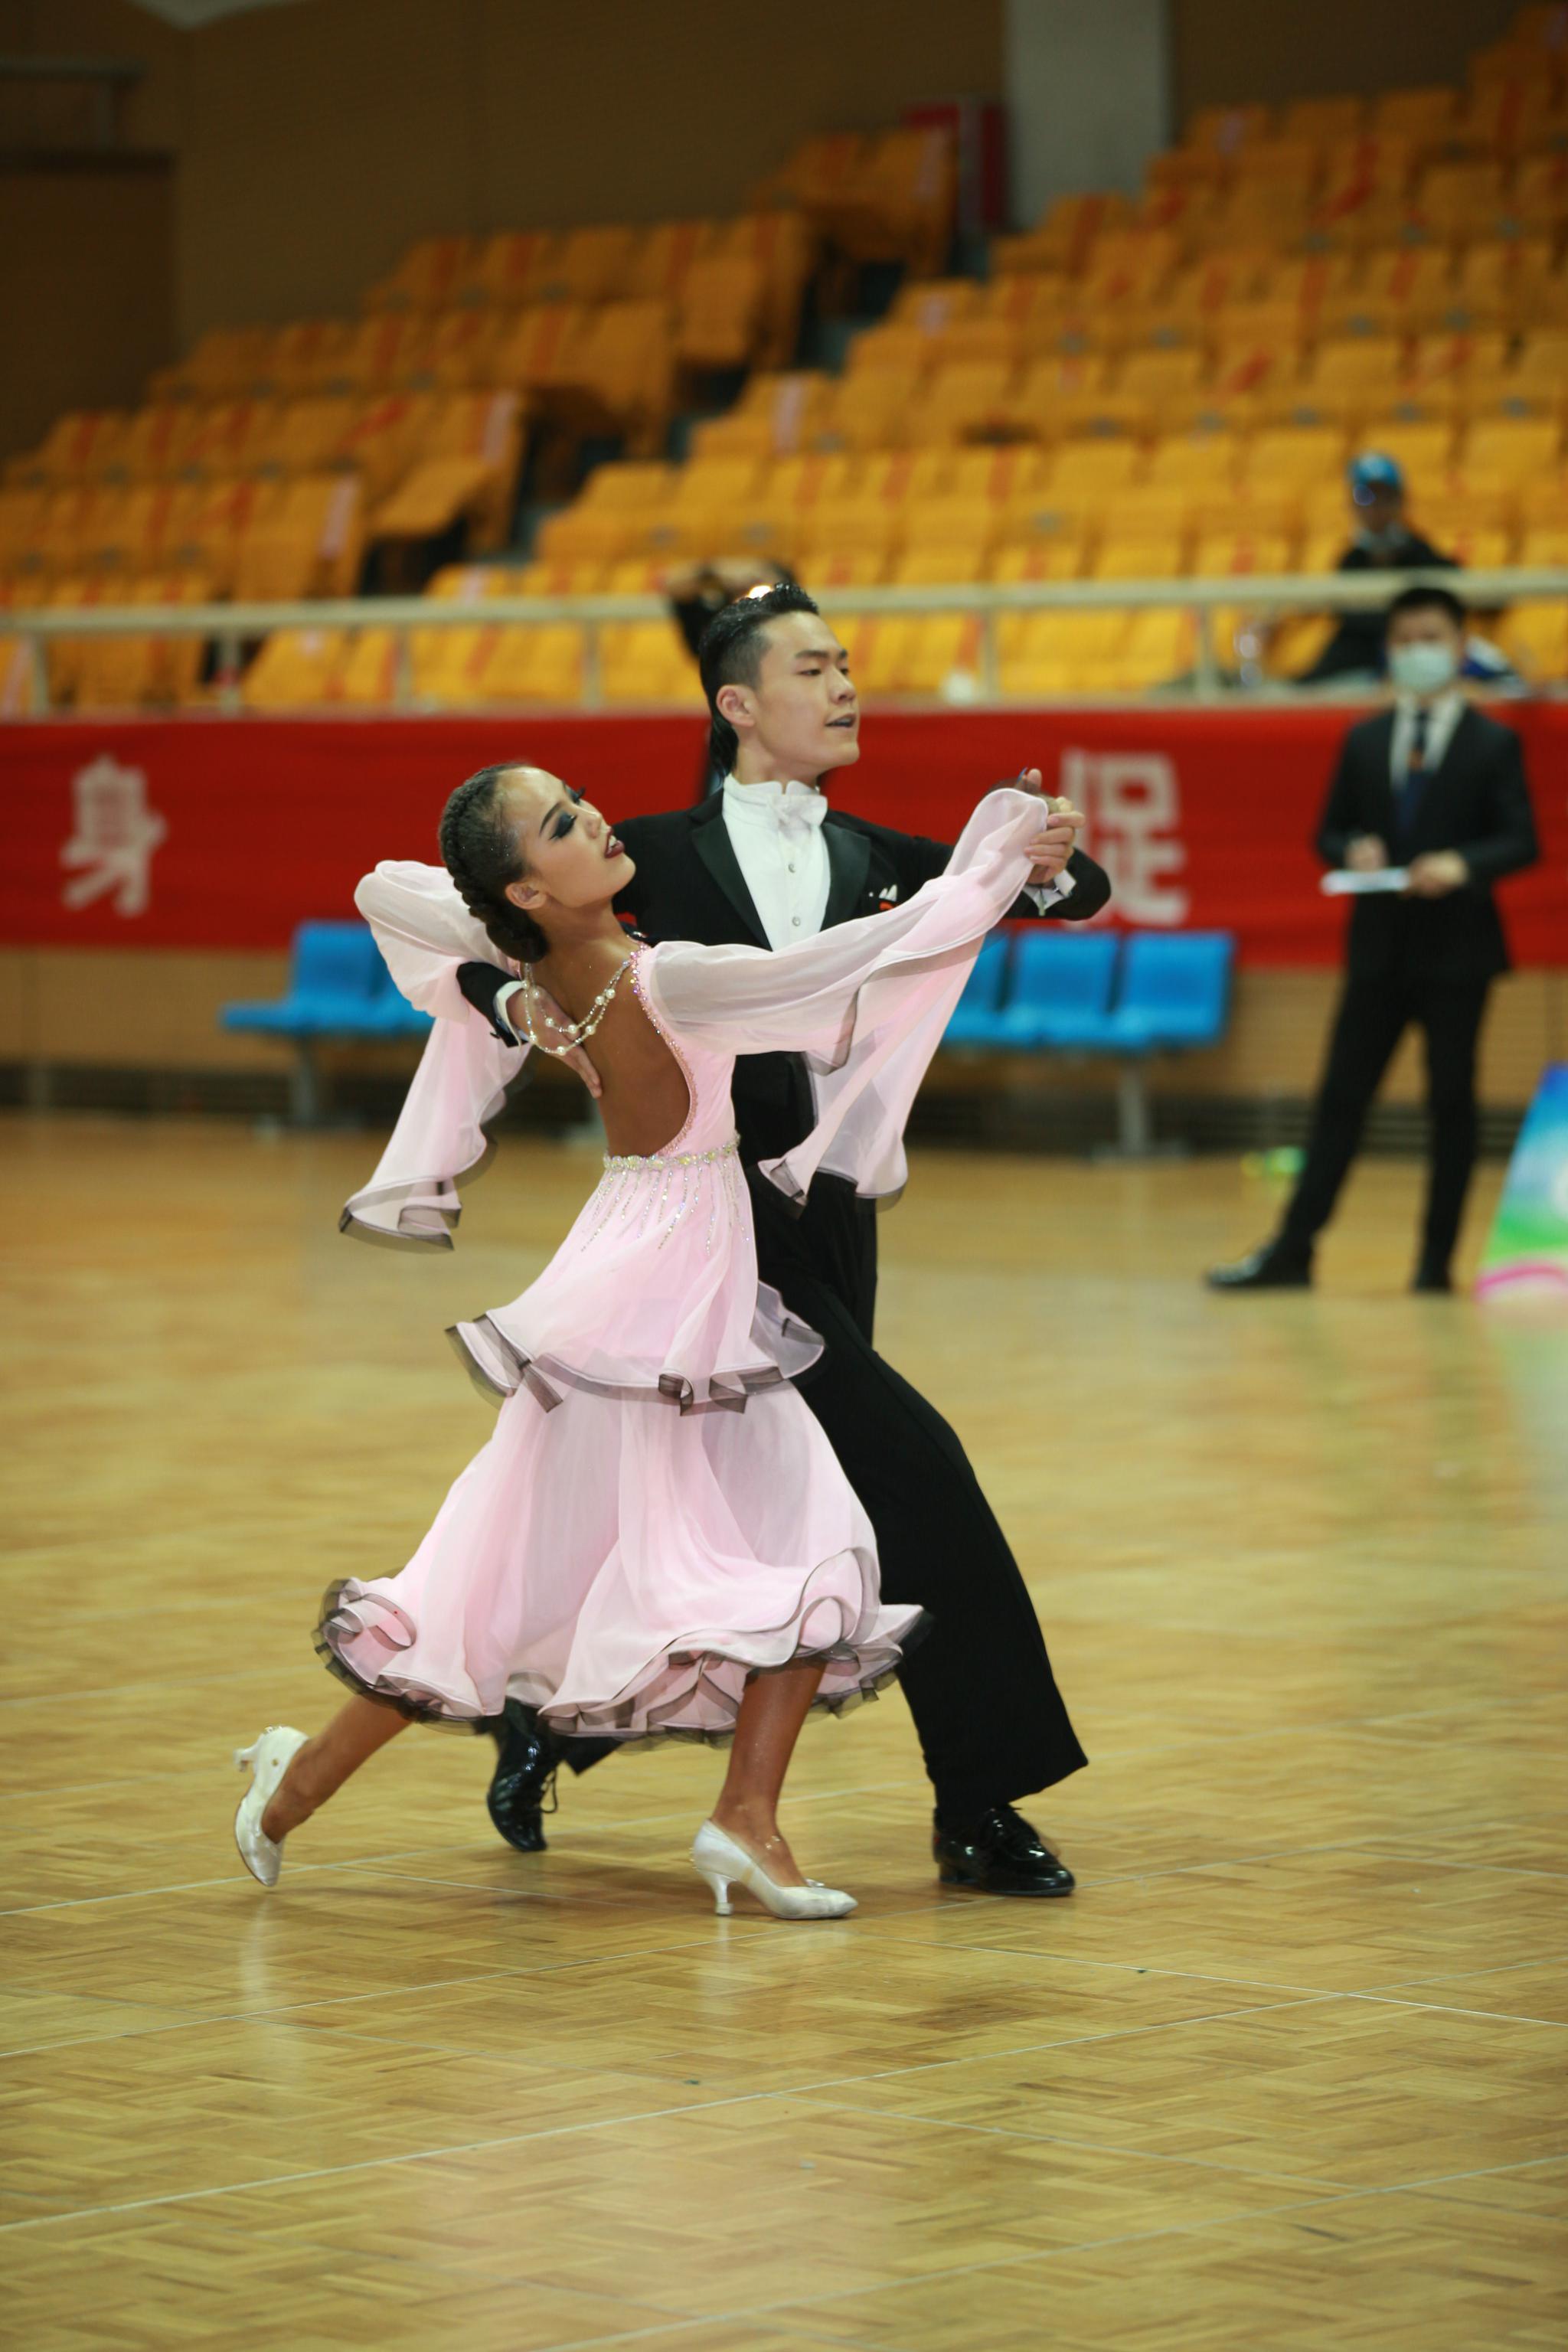 今年北京首场室内体育舞蹈赛事,近千名选手参加图片